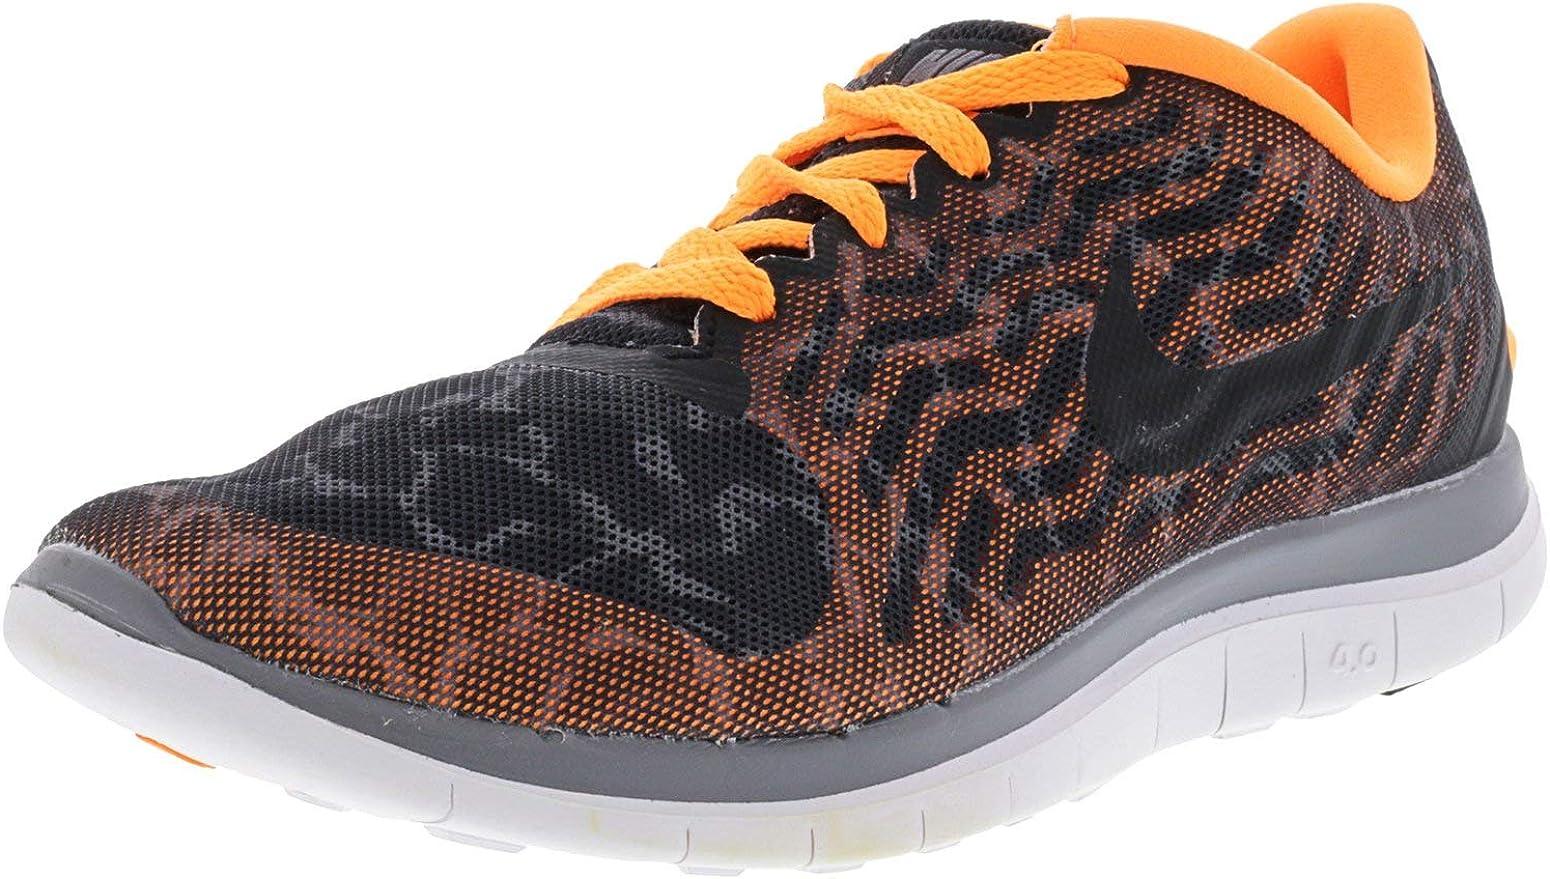 Nike Womens Free 4.0 Print Ankle-High Mesh Running Shoe: Nike: Amazon.es: Relojes